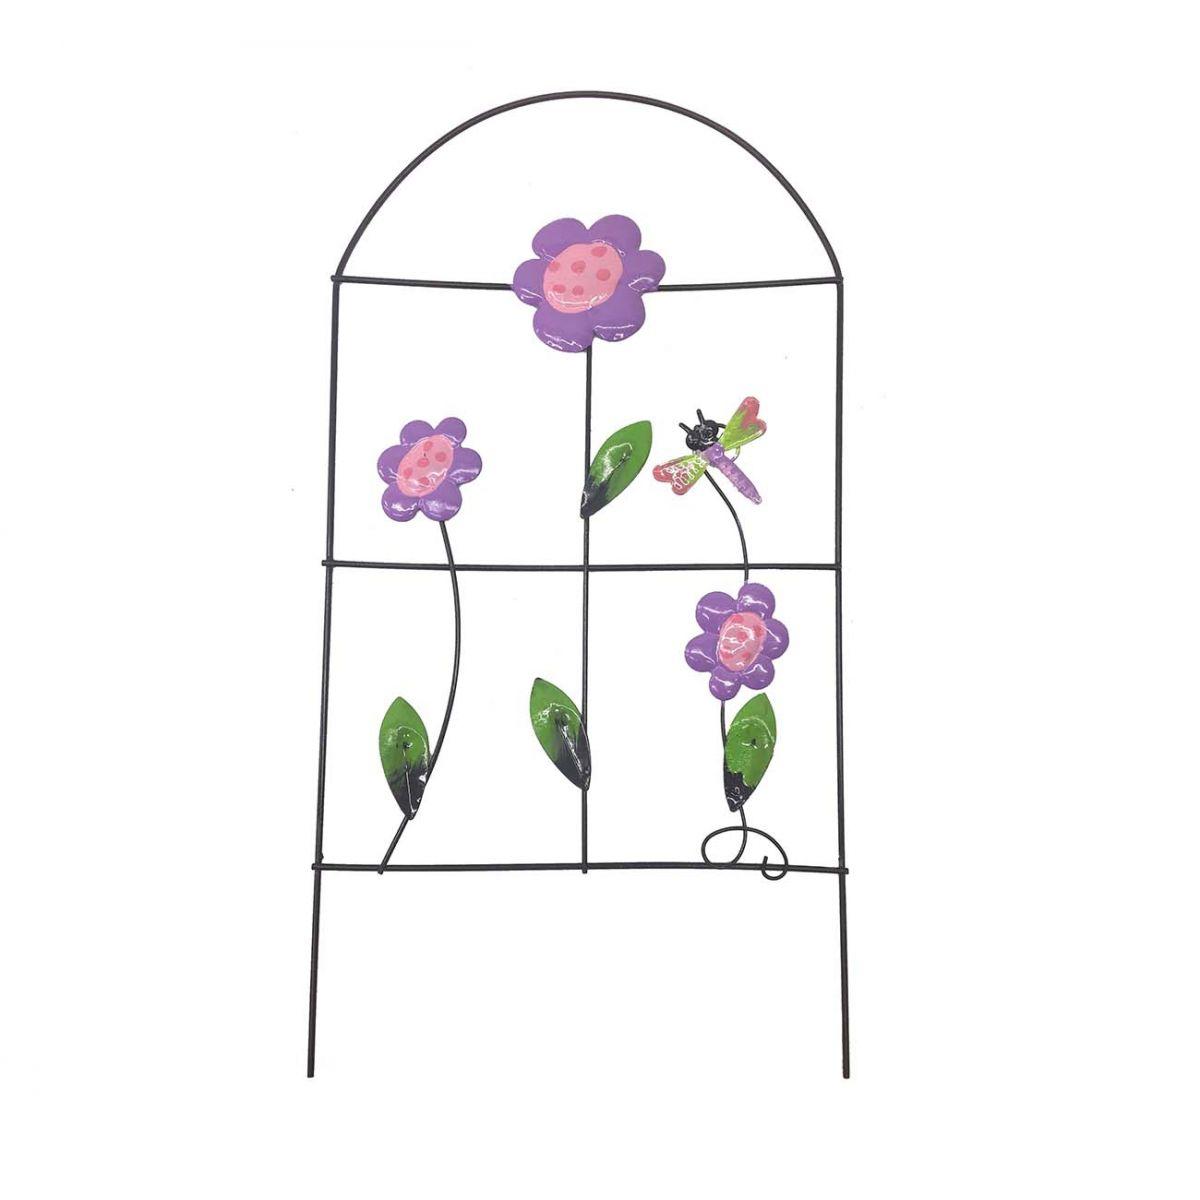 Enfeite Jardim de Ferro Grade Para Jardim Libelula Casa Decoraçao Flor Roxa Com 4 ( JARD-60)